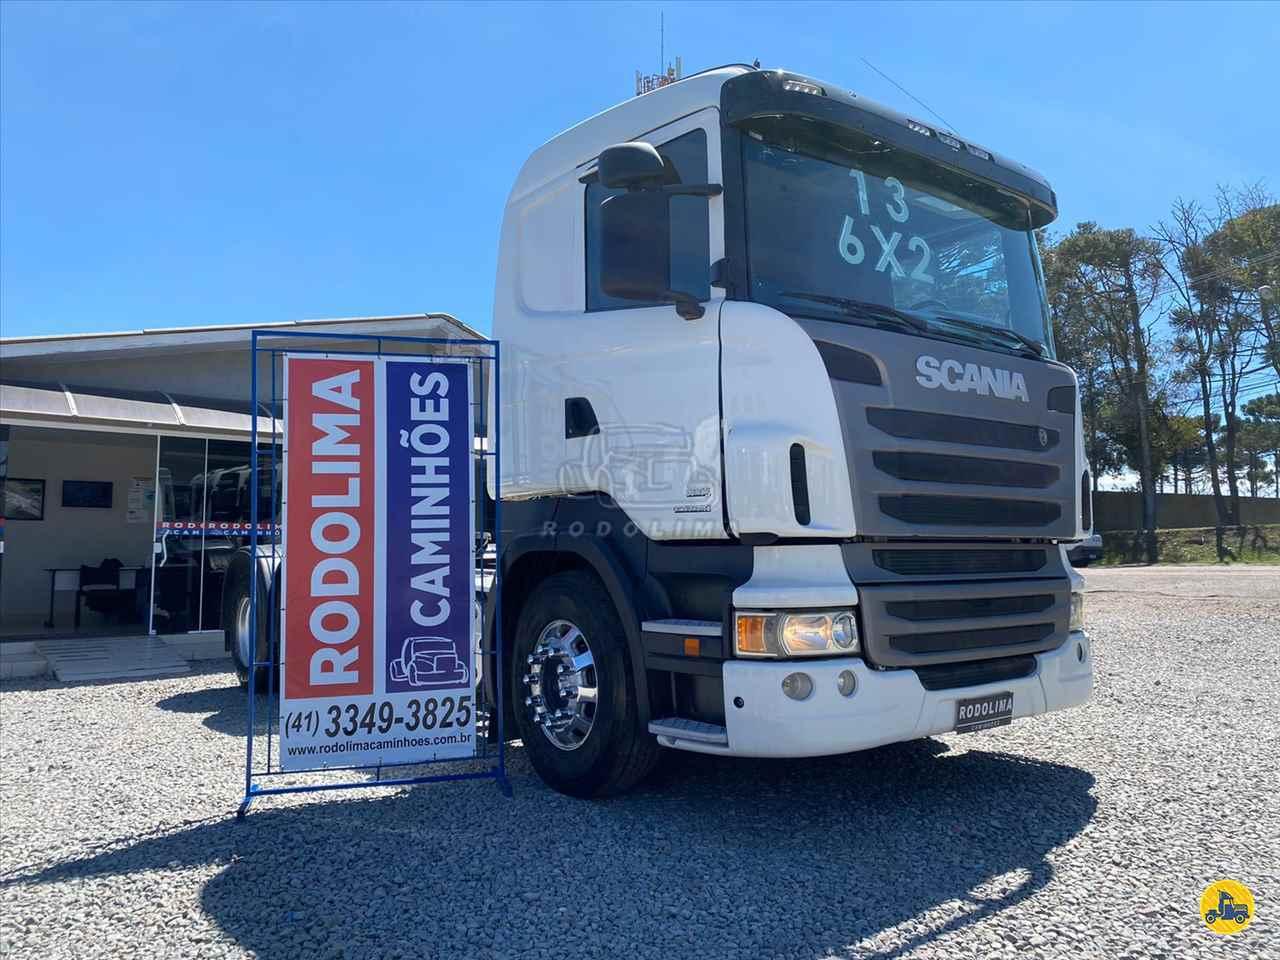 CAMINHAO SCANIA SCANIA 440 Cavalo Mecânico Truck 6x2 Rodolima Caminhões CURITIBA PARANÁ PR